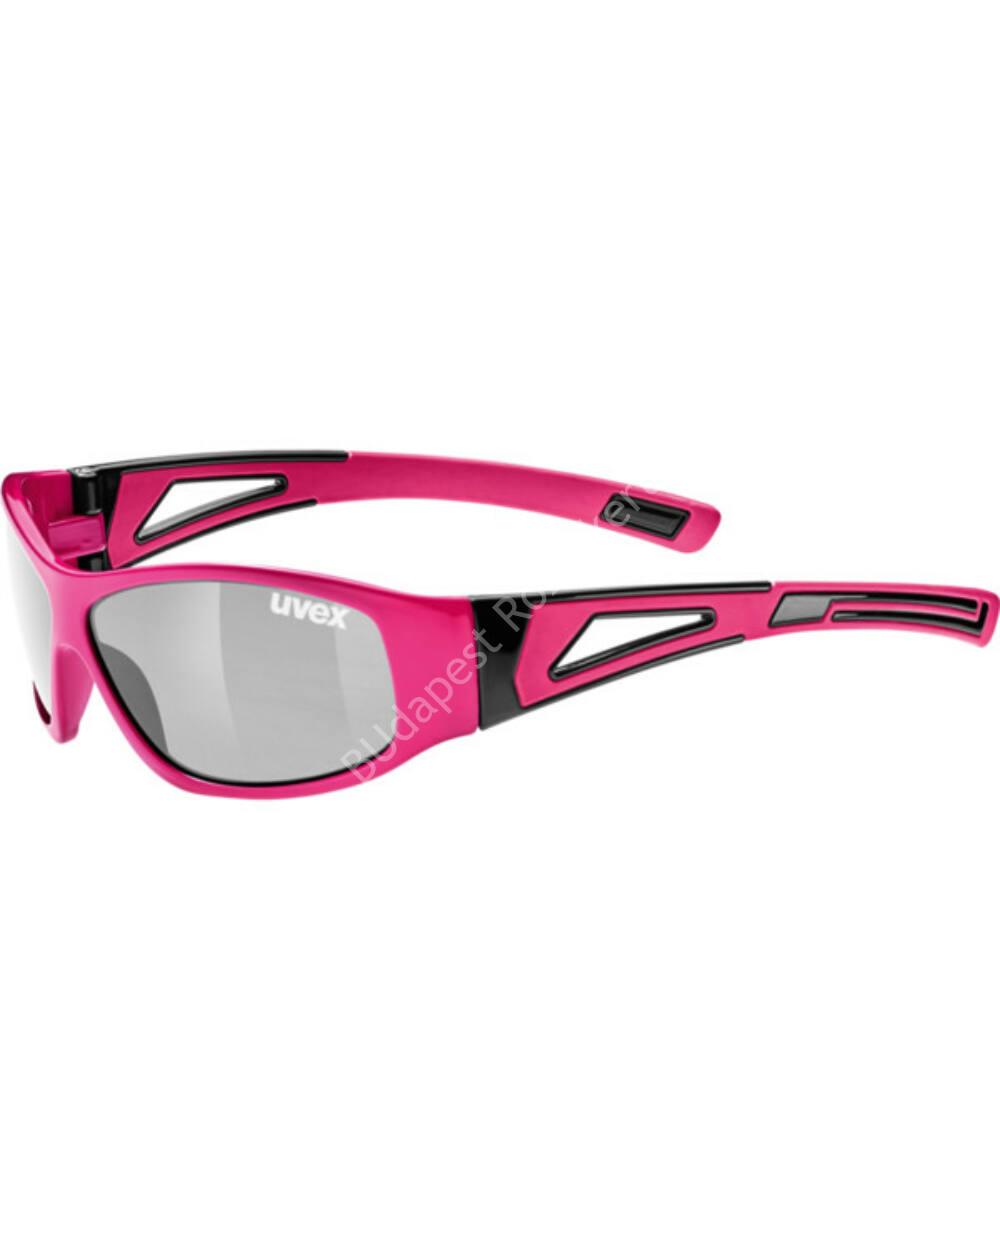 Uvex sportstyle 509 UV-védős sportszemüveg gyerekeknek, pink